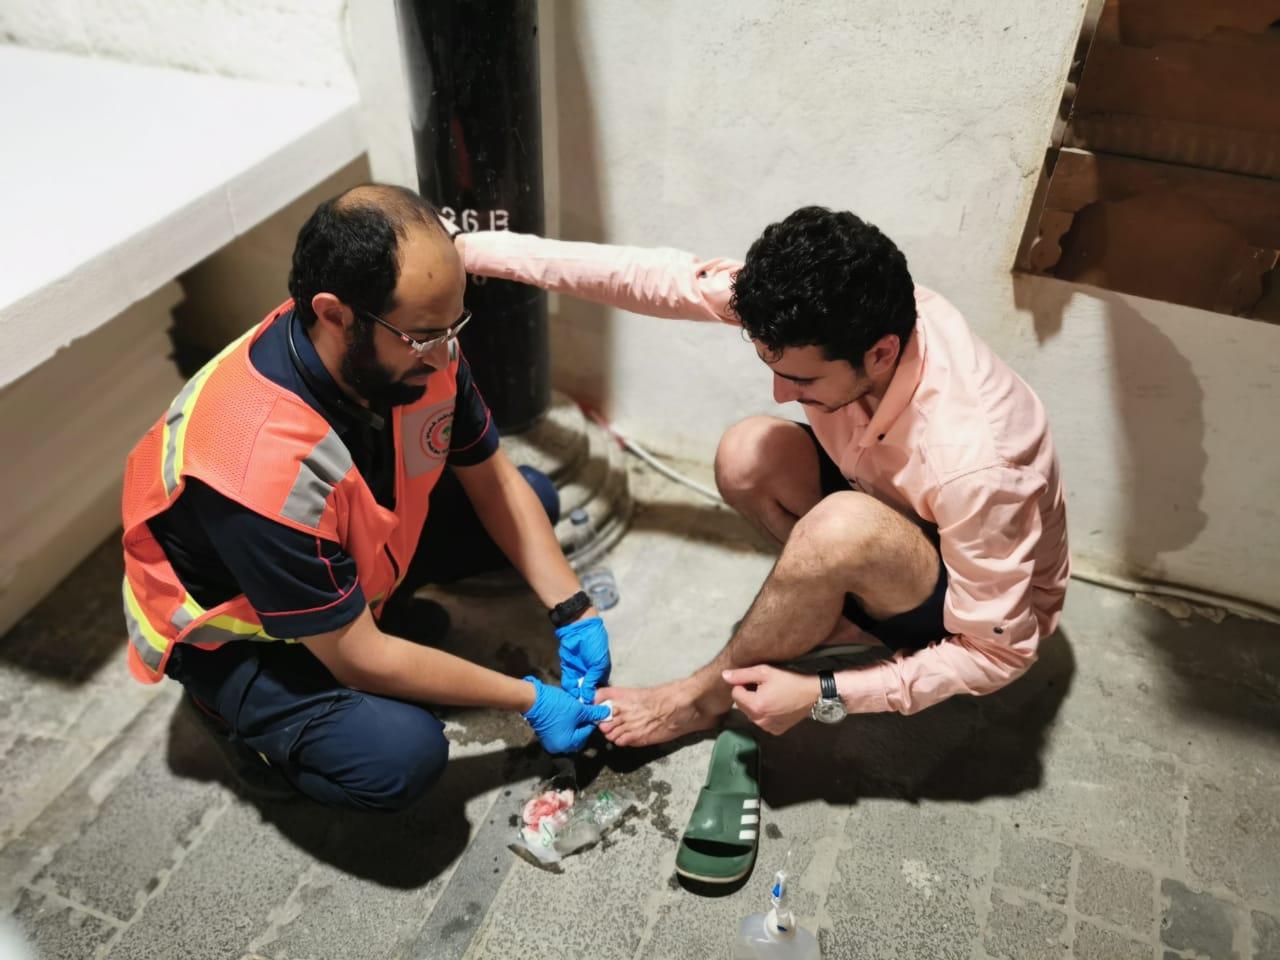 الهلال الأحمر يباشر 33 حالة خلال مهرجان مسك جدة التاريخية